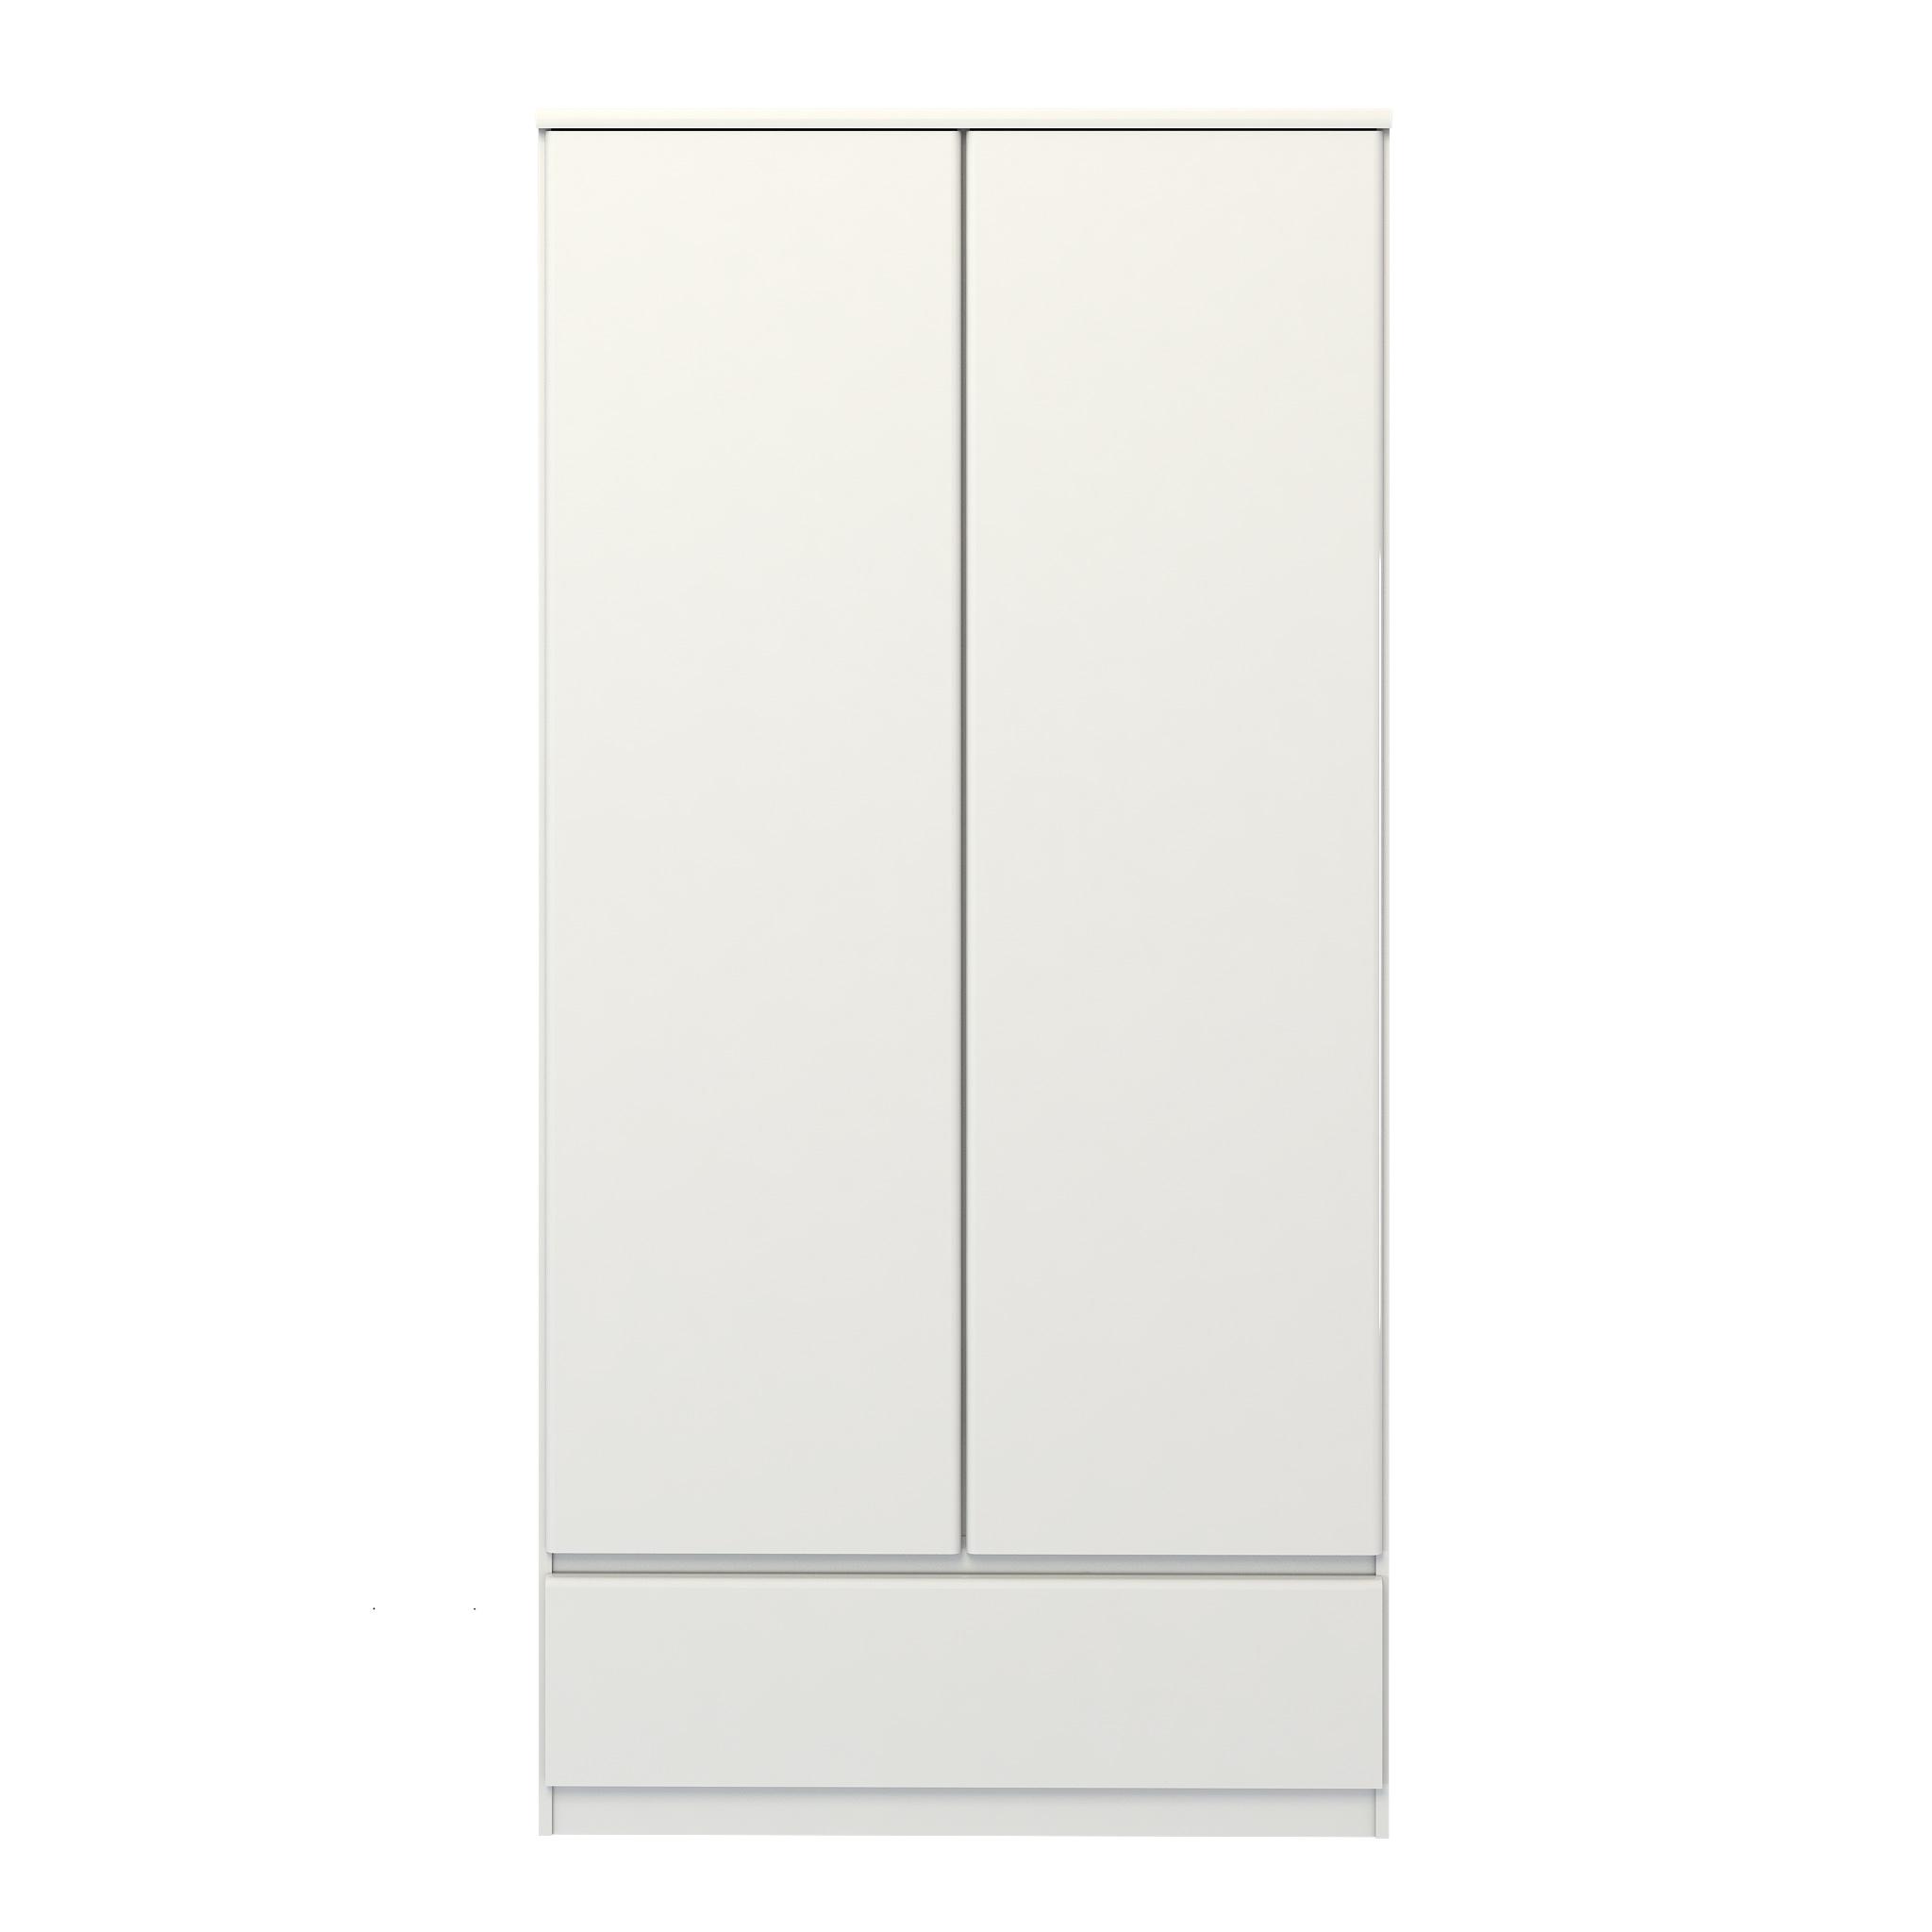 Mary Garderobeskab 2 låger + 1 skuffeHvid højglans Hvid højglans